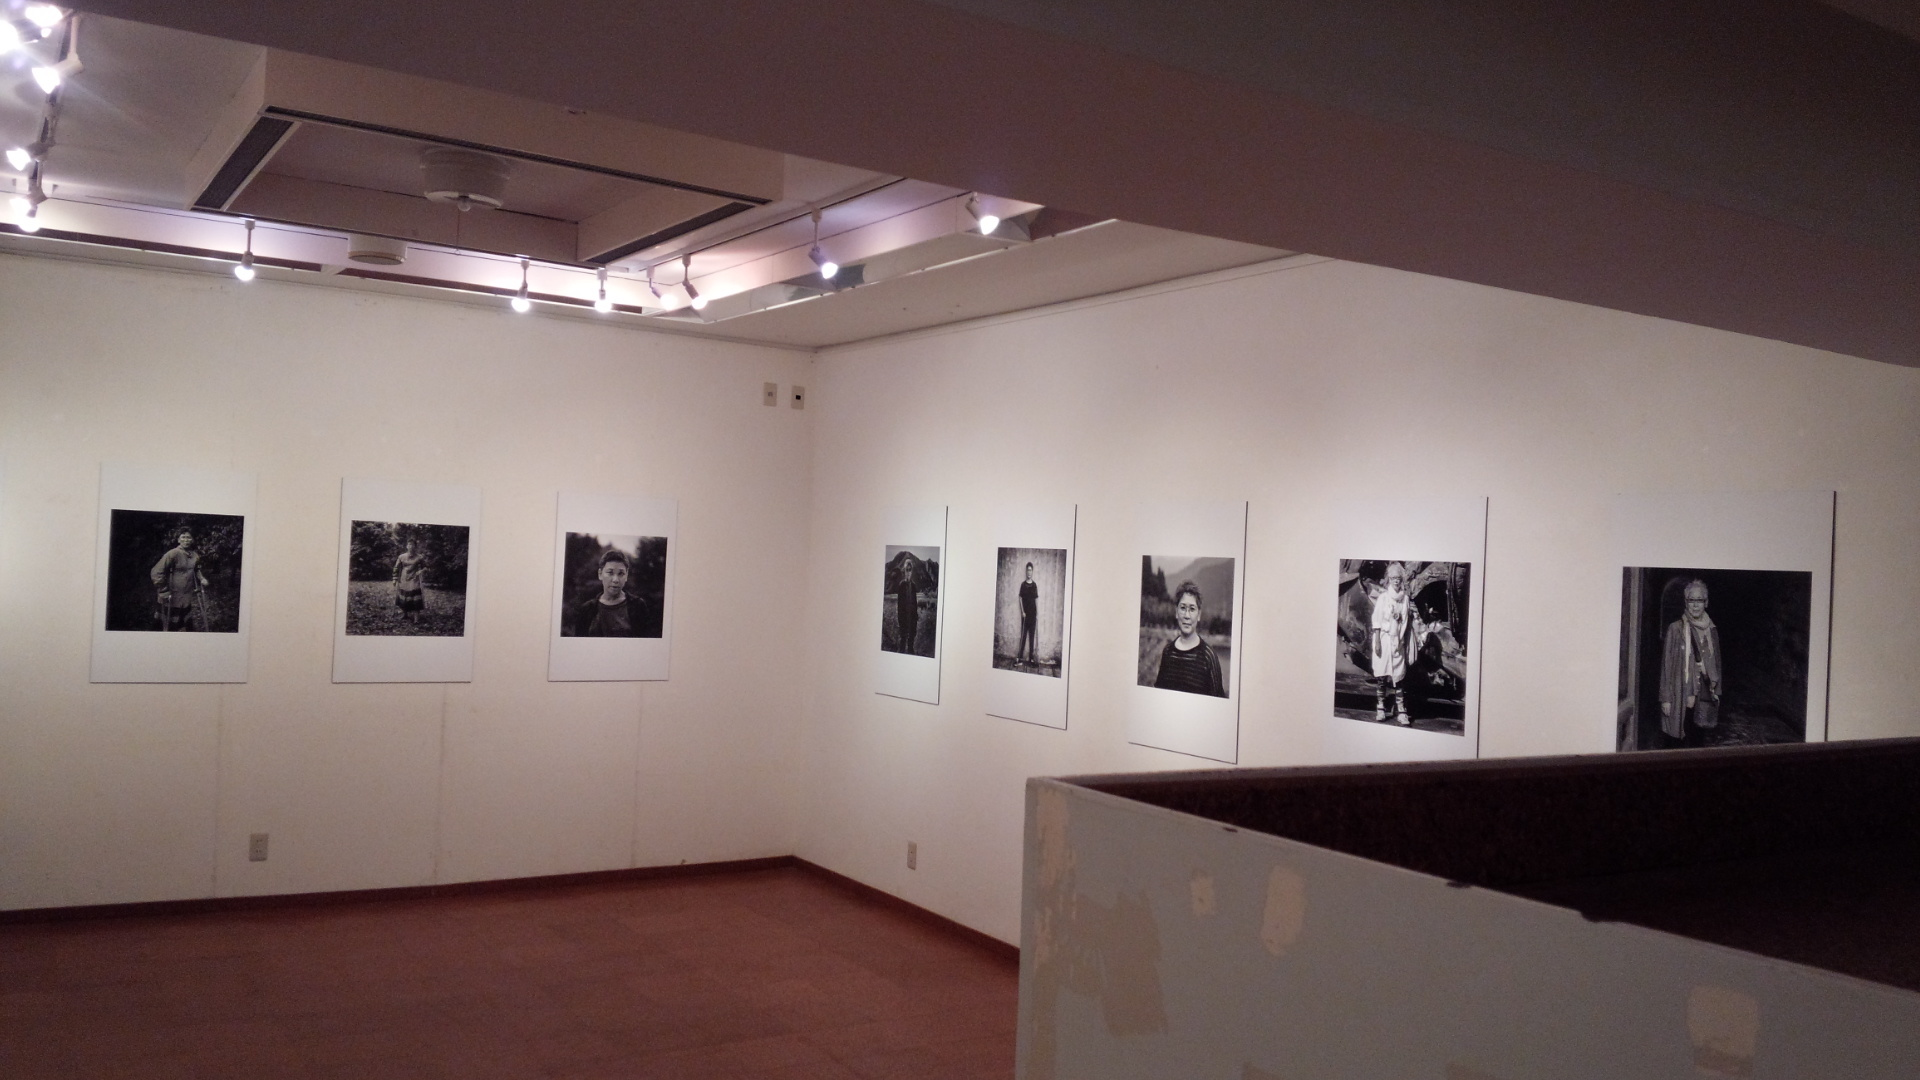 宙づりというサスペンス + 写真展「深谷正子 ダンスの犬へ」_b0019333_21341854.jpg